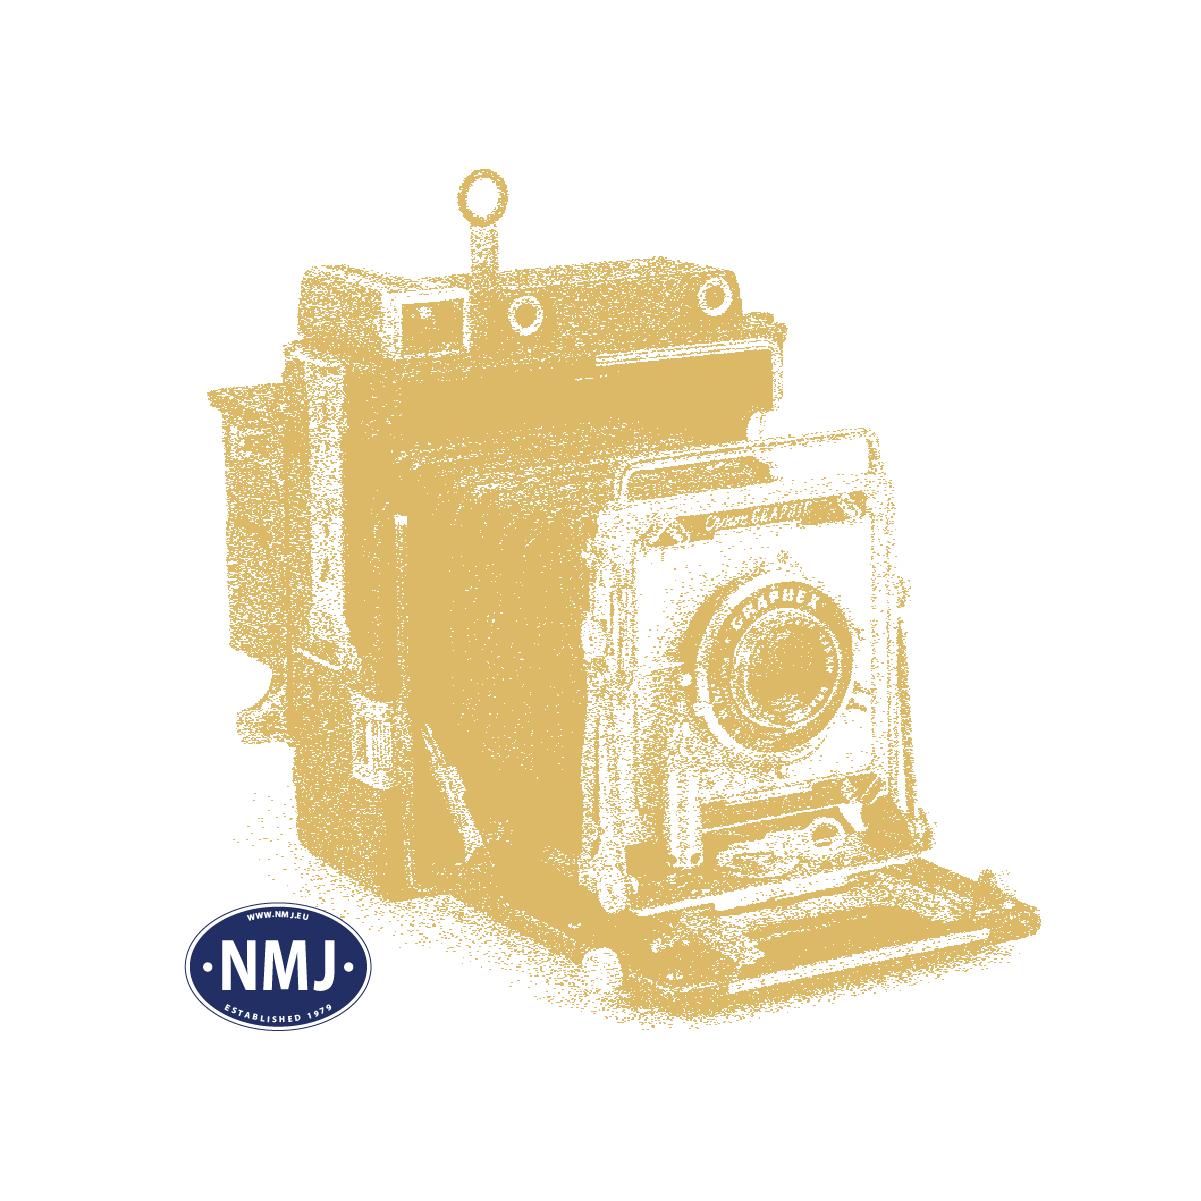 NMJ019001 - NMJ Superline NSB Co2d 19001